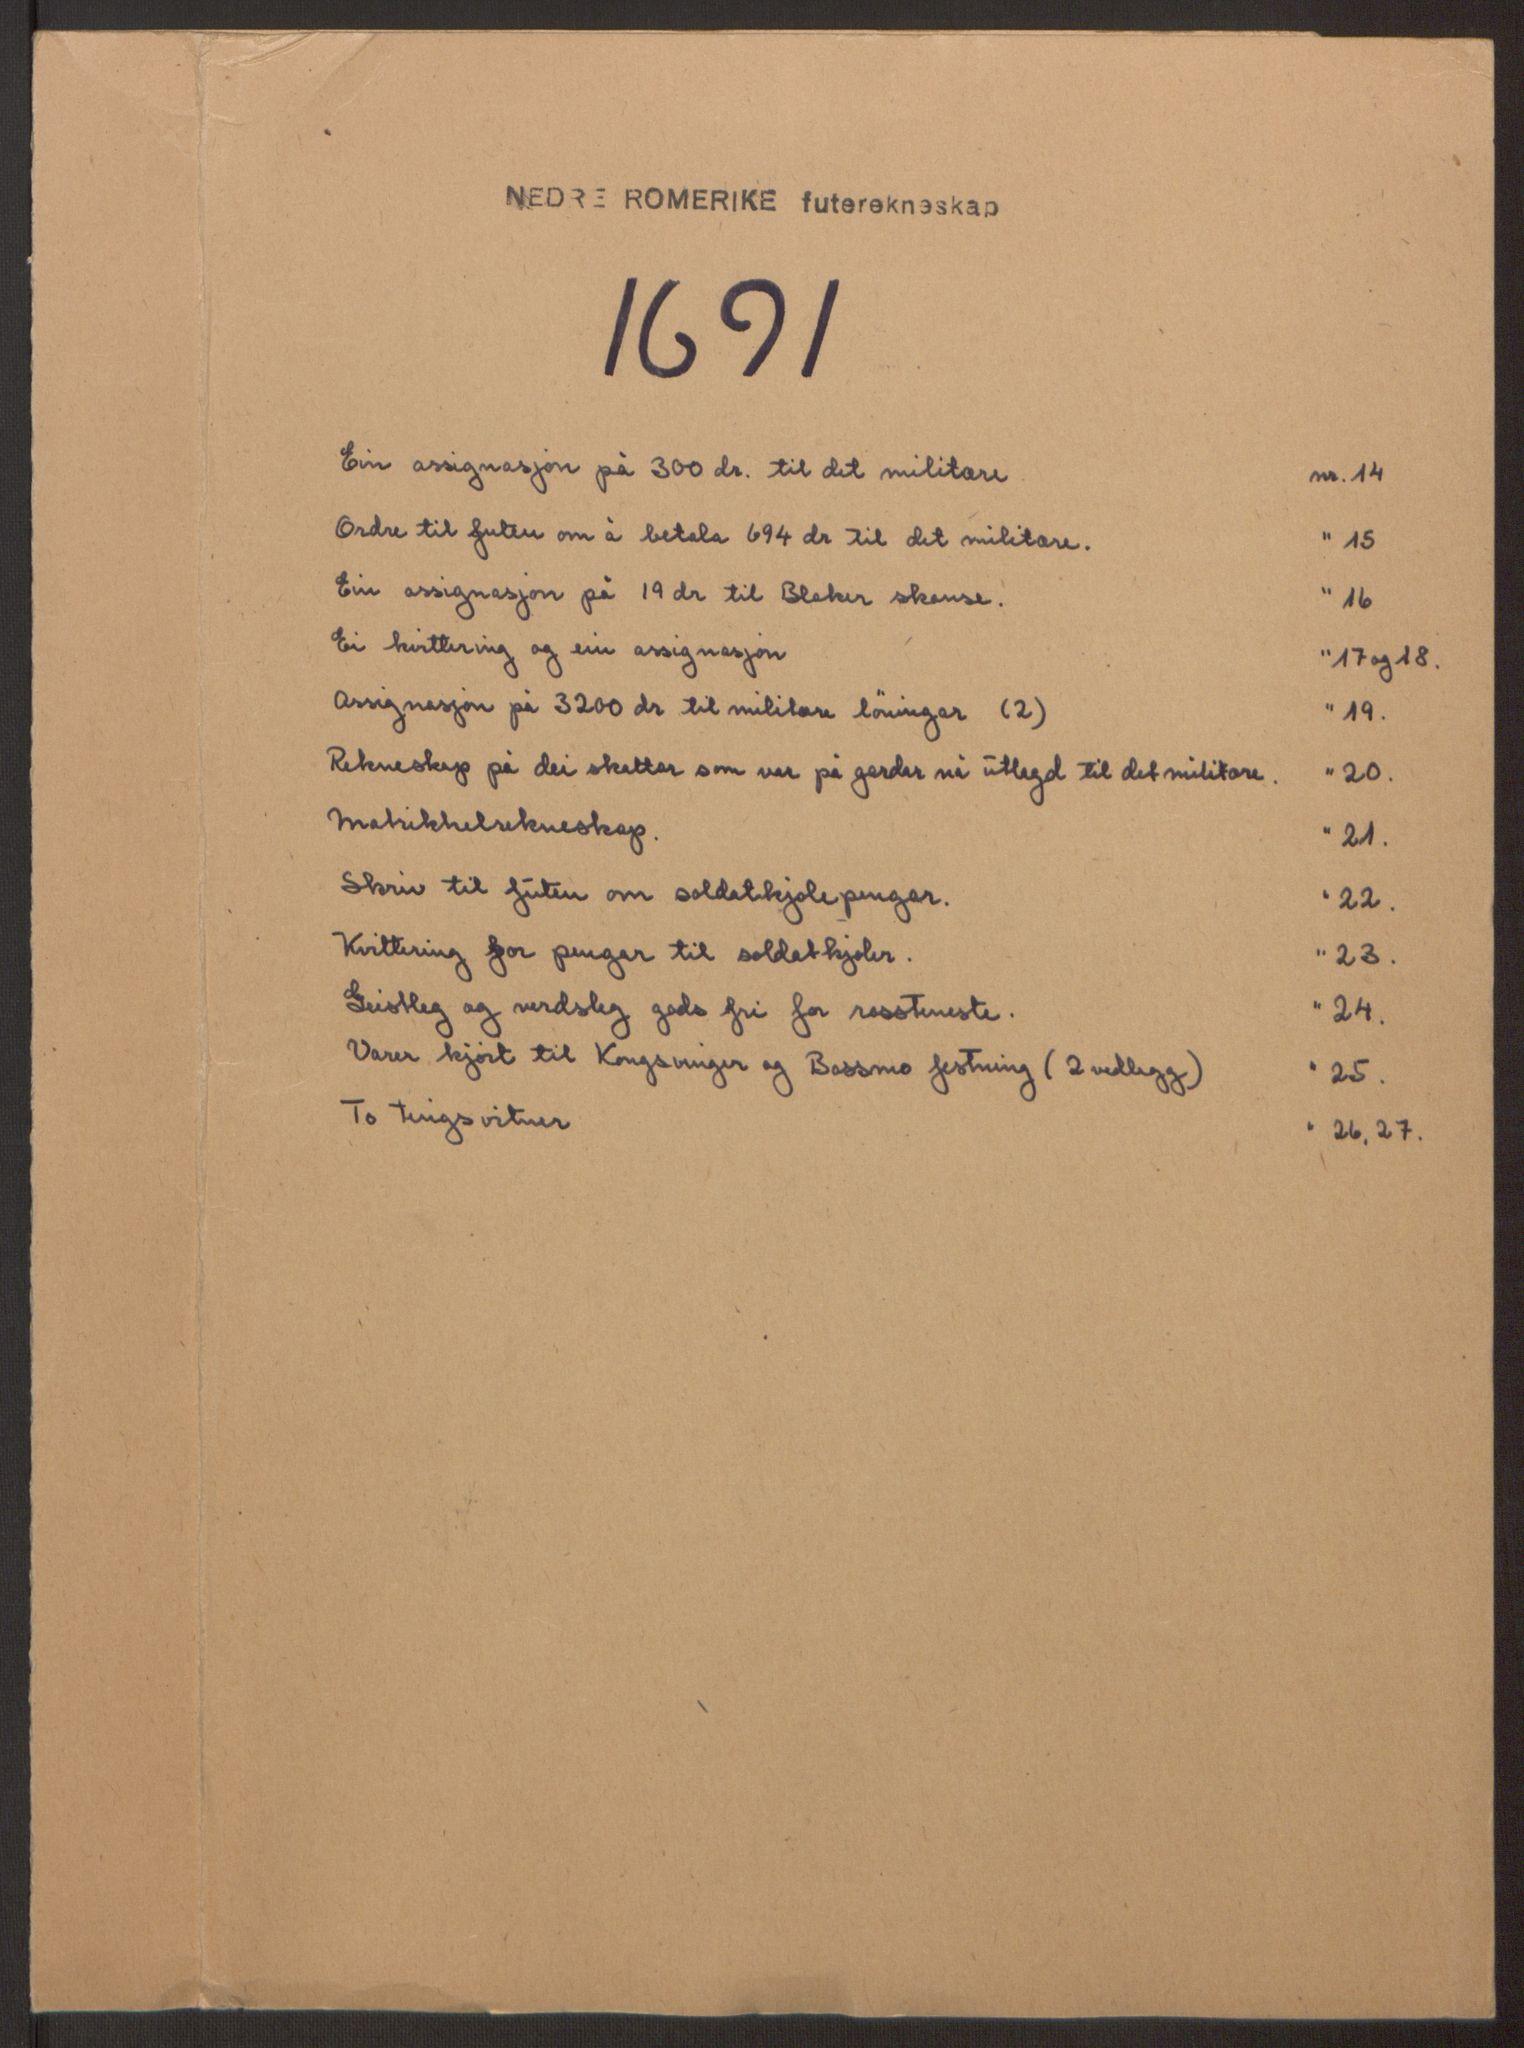 RA, Rentekammeret inntil 1814, Reviderte regnskaper, Fogderegnskap, R11/L0575: Fogderegnskap Nedre Romerike, 1691, s. 203